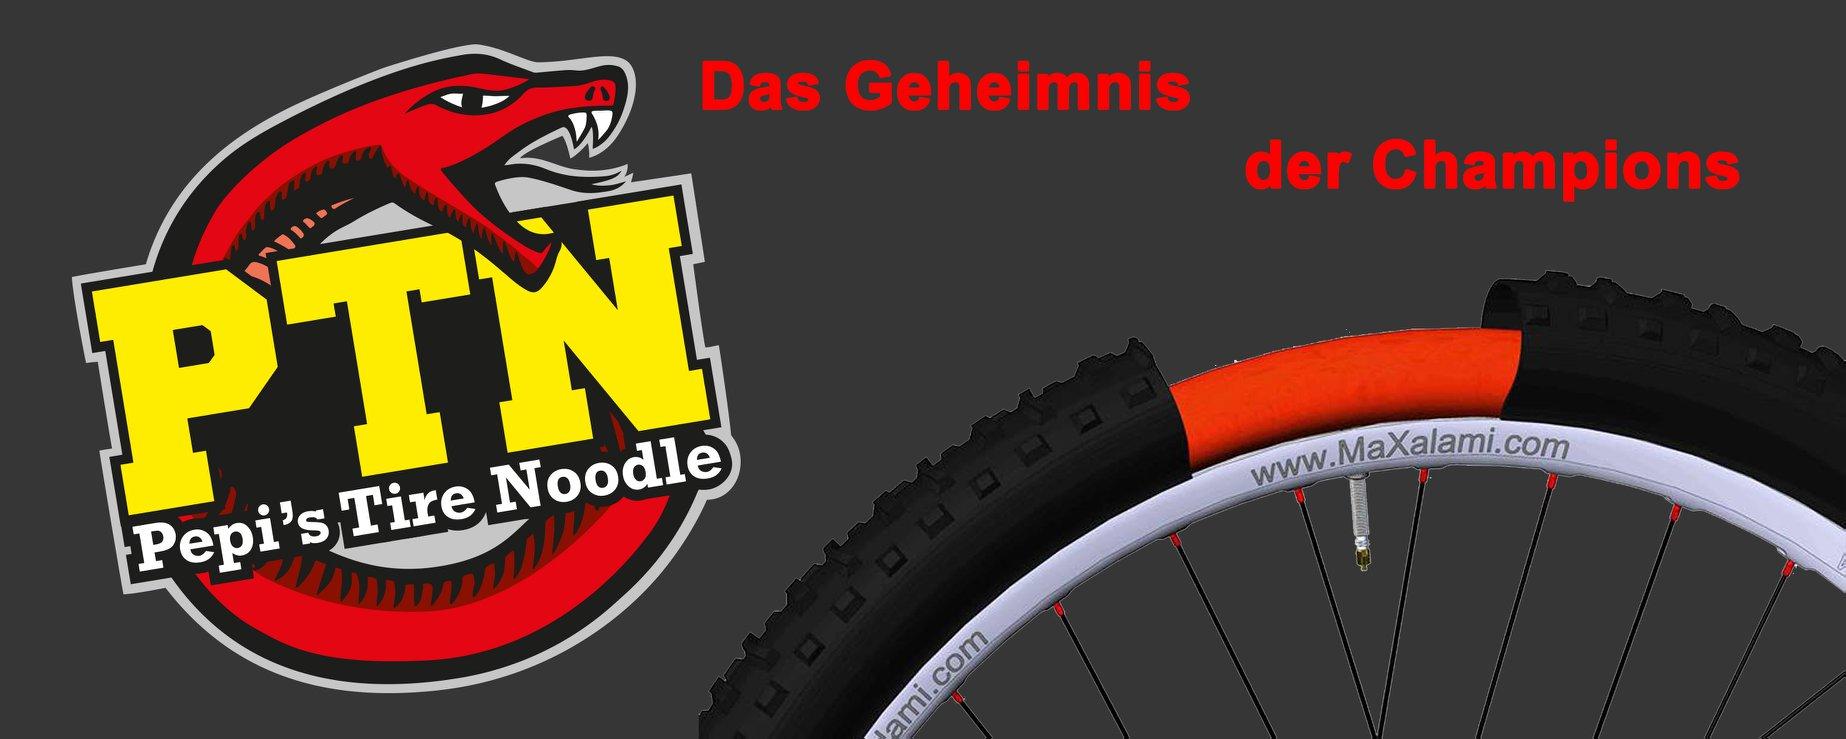 Pepis Tire Noodle